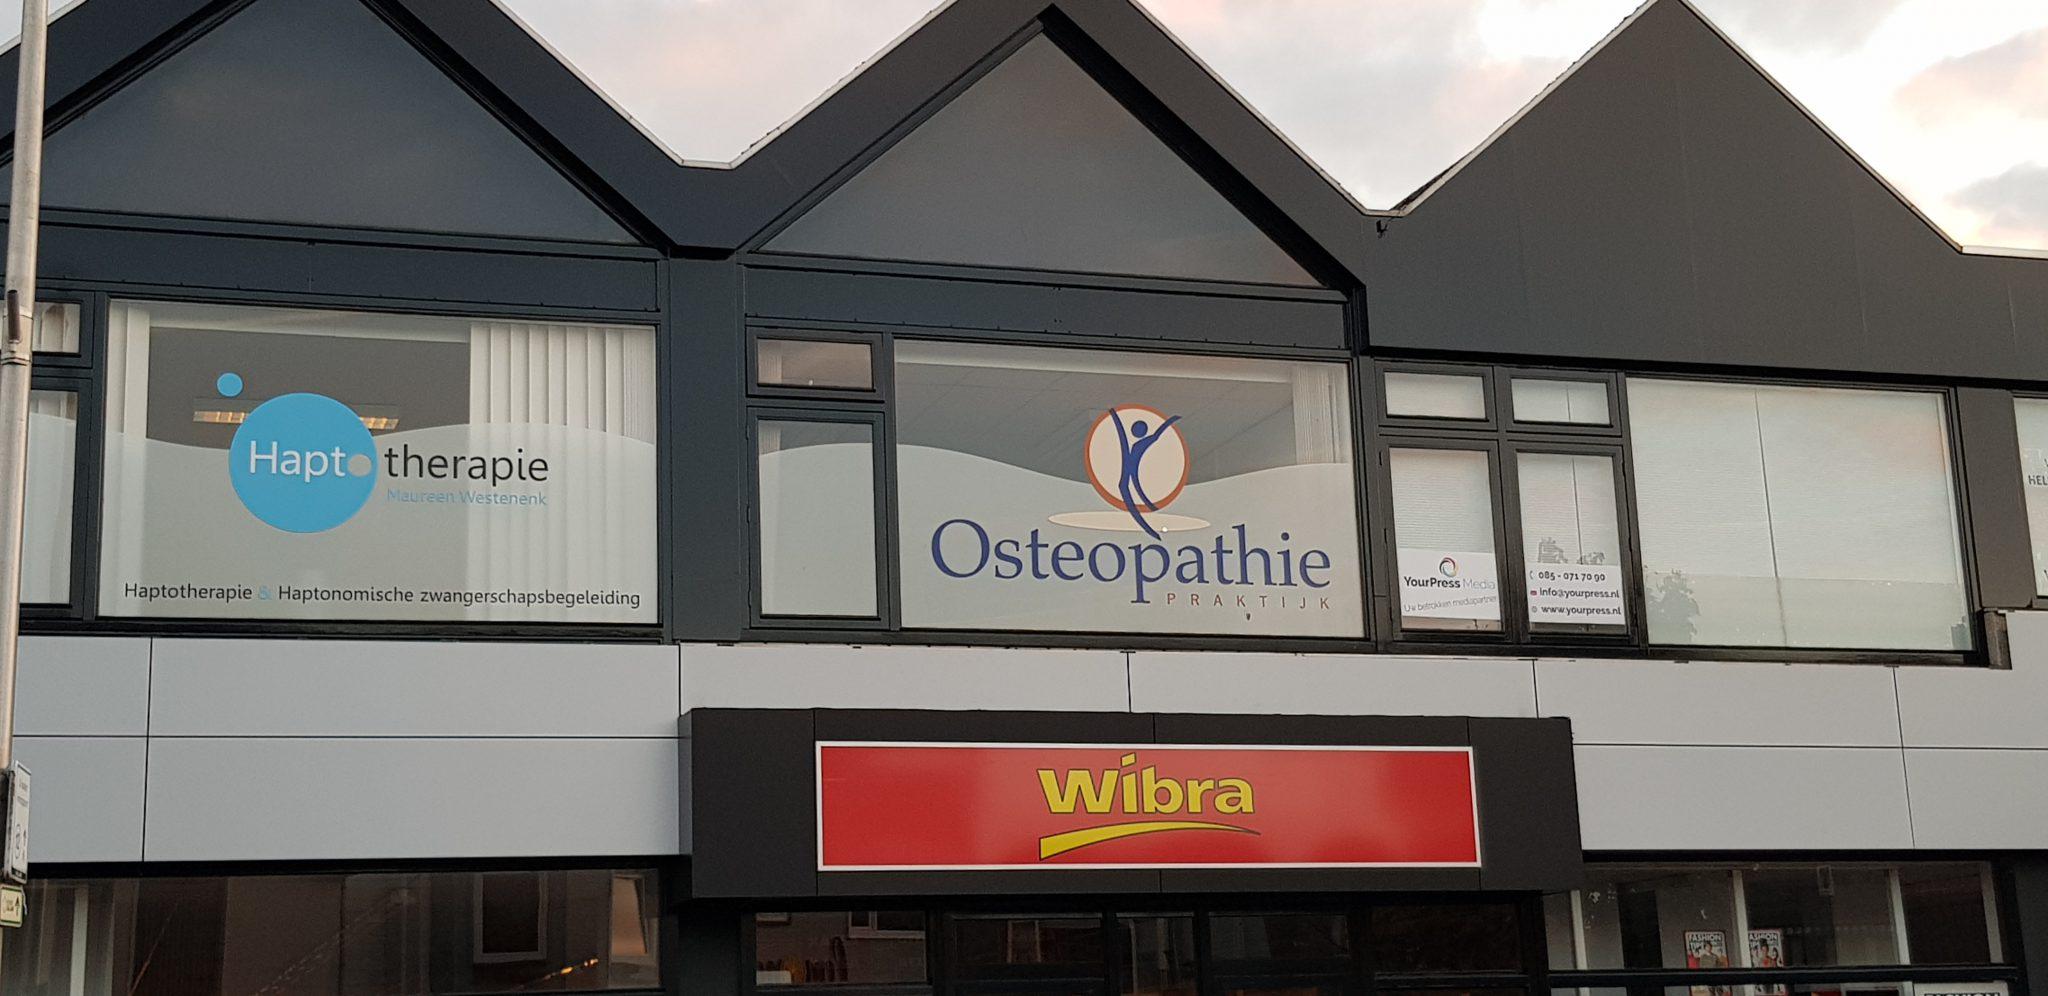 Osteopathie Raalte